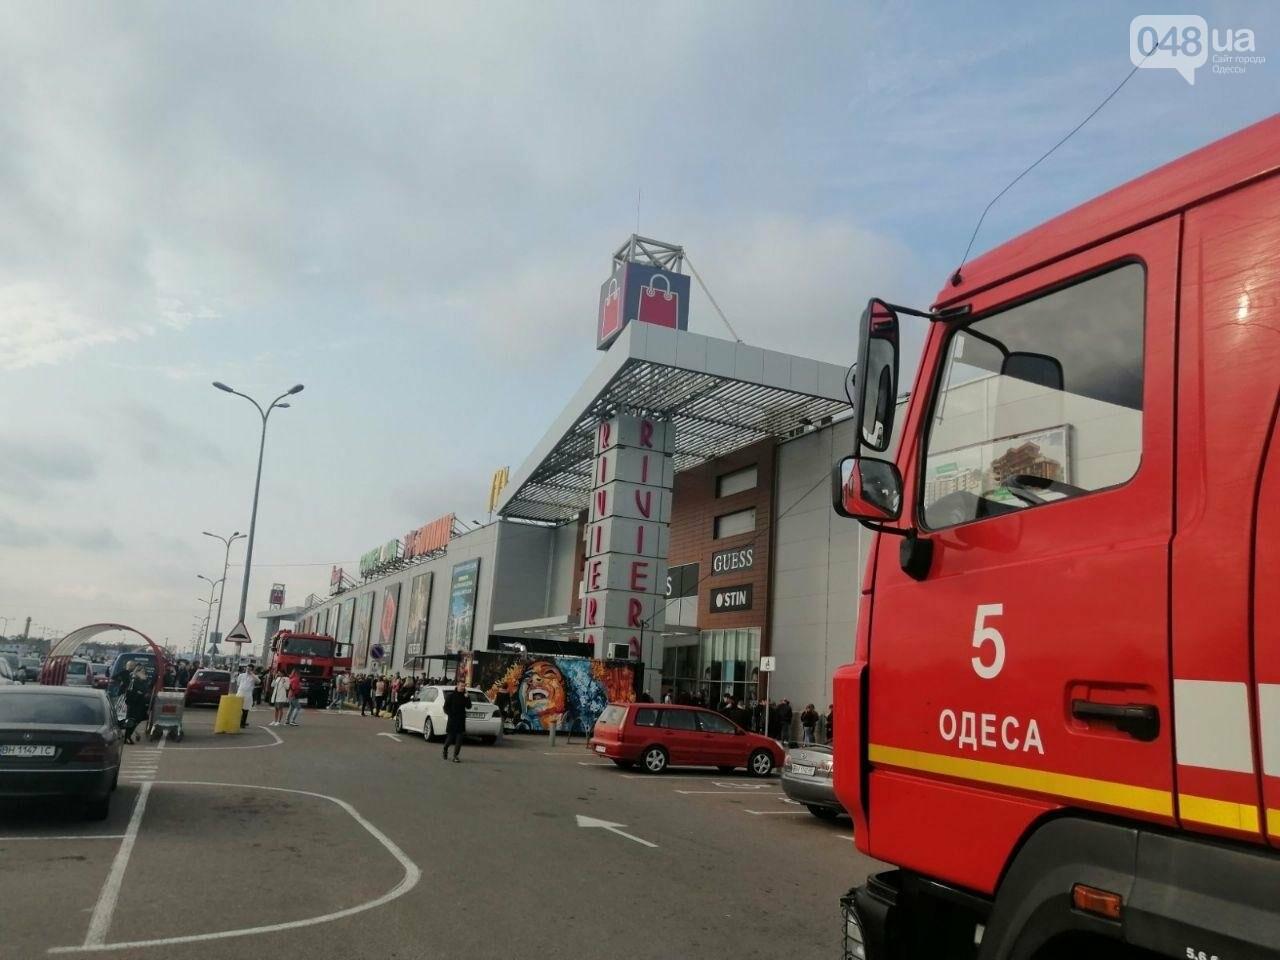 В Одессе из торгового центра эвакуировали людей, - ФОТО, фото-1